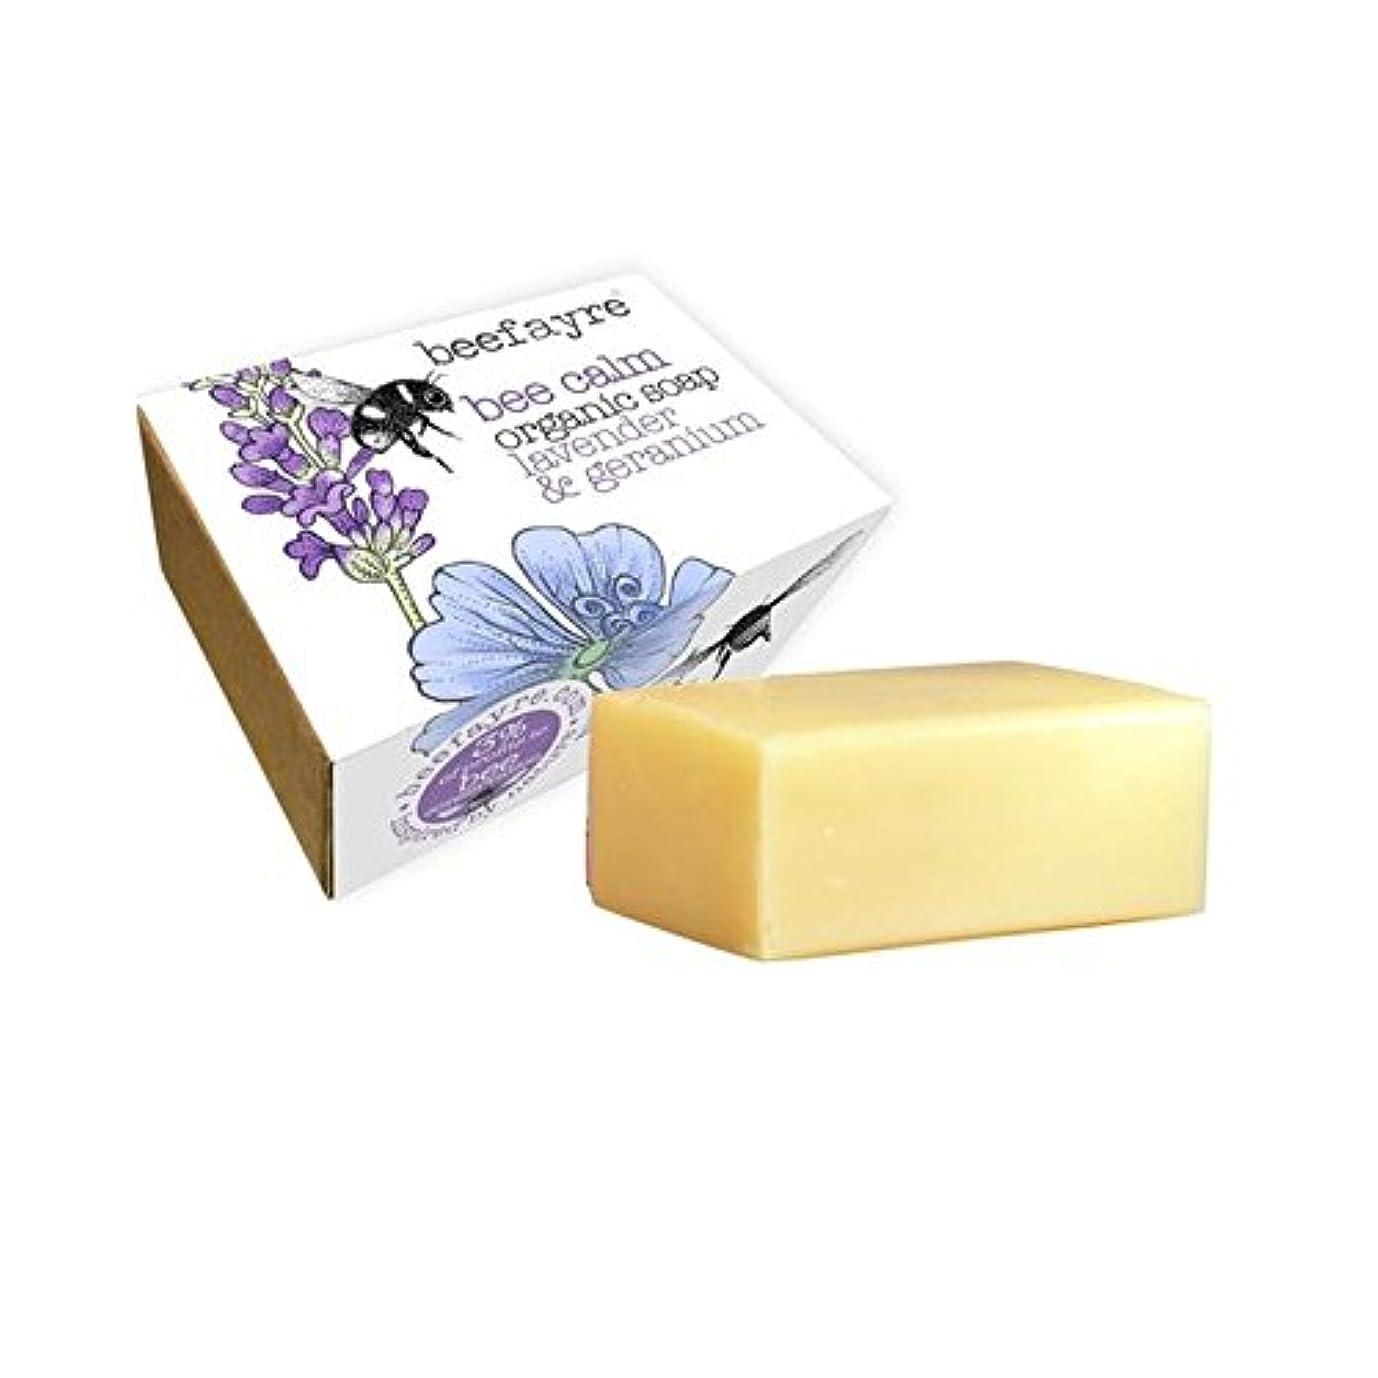 まばたき構成員適合Beefayre Organic Geranium & Lavender Soap - 有機ゼラニウム&ラベンダー石鹸 [並行輸入品]